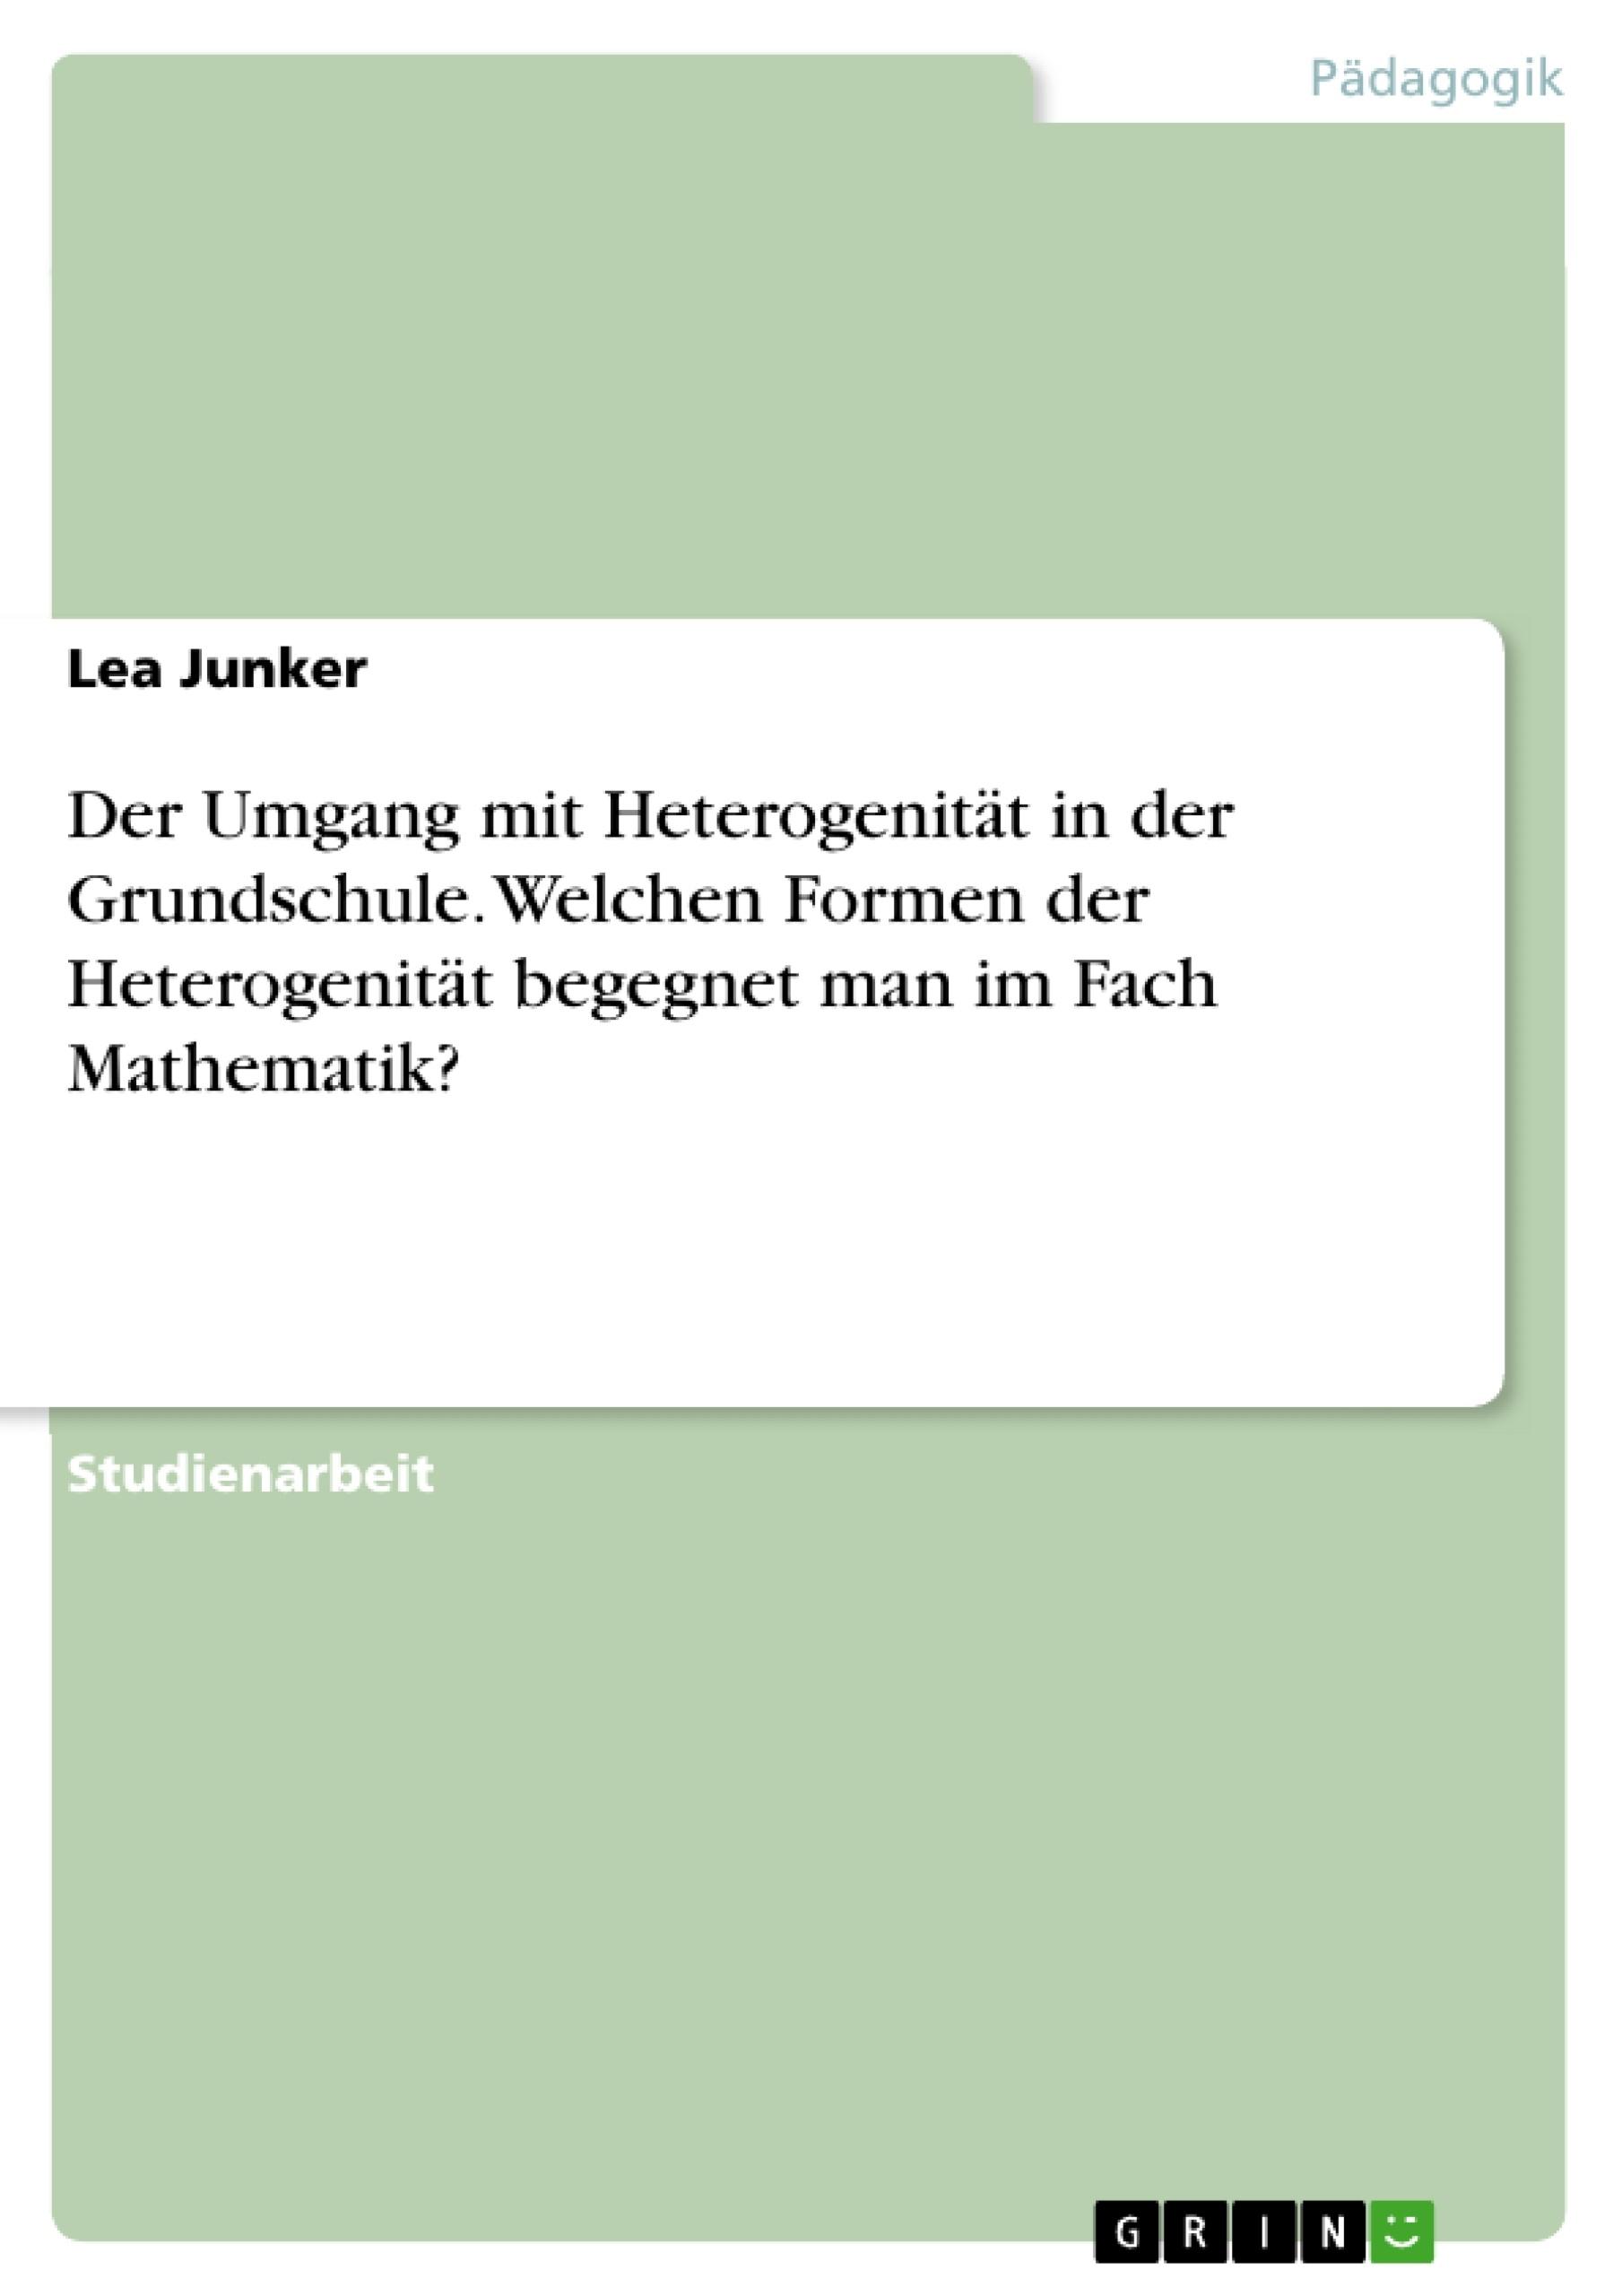 Titel: Der Umgang mit Heterogenität in der Grundschule. Welchen Formen der Heterogenität begegnet man im Fach Mathematik?